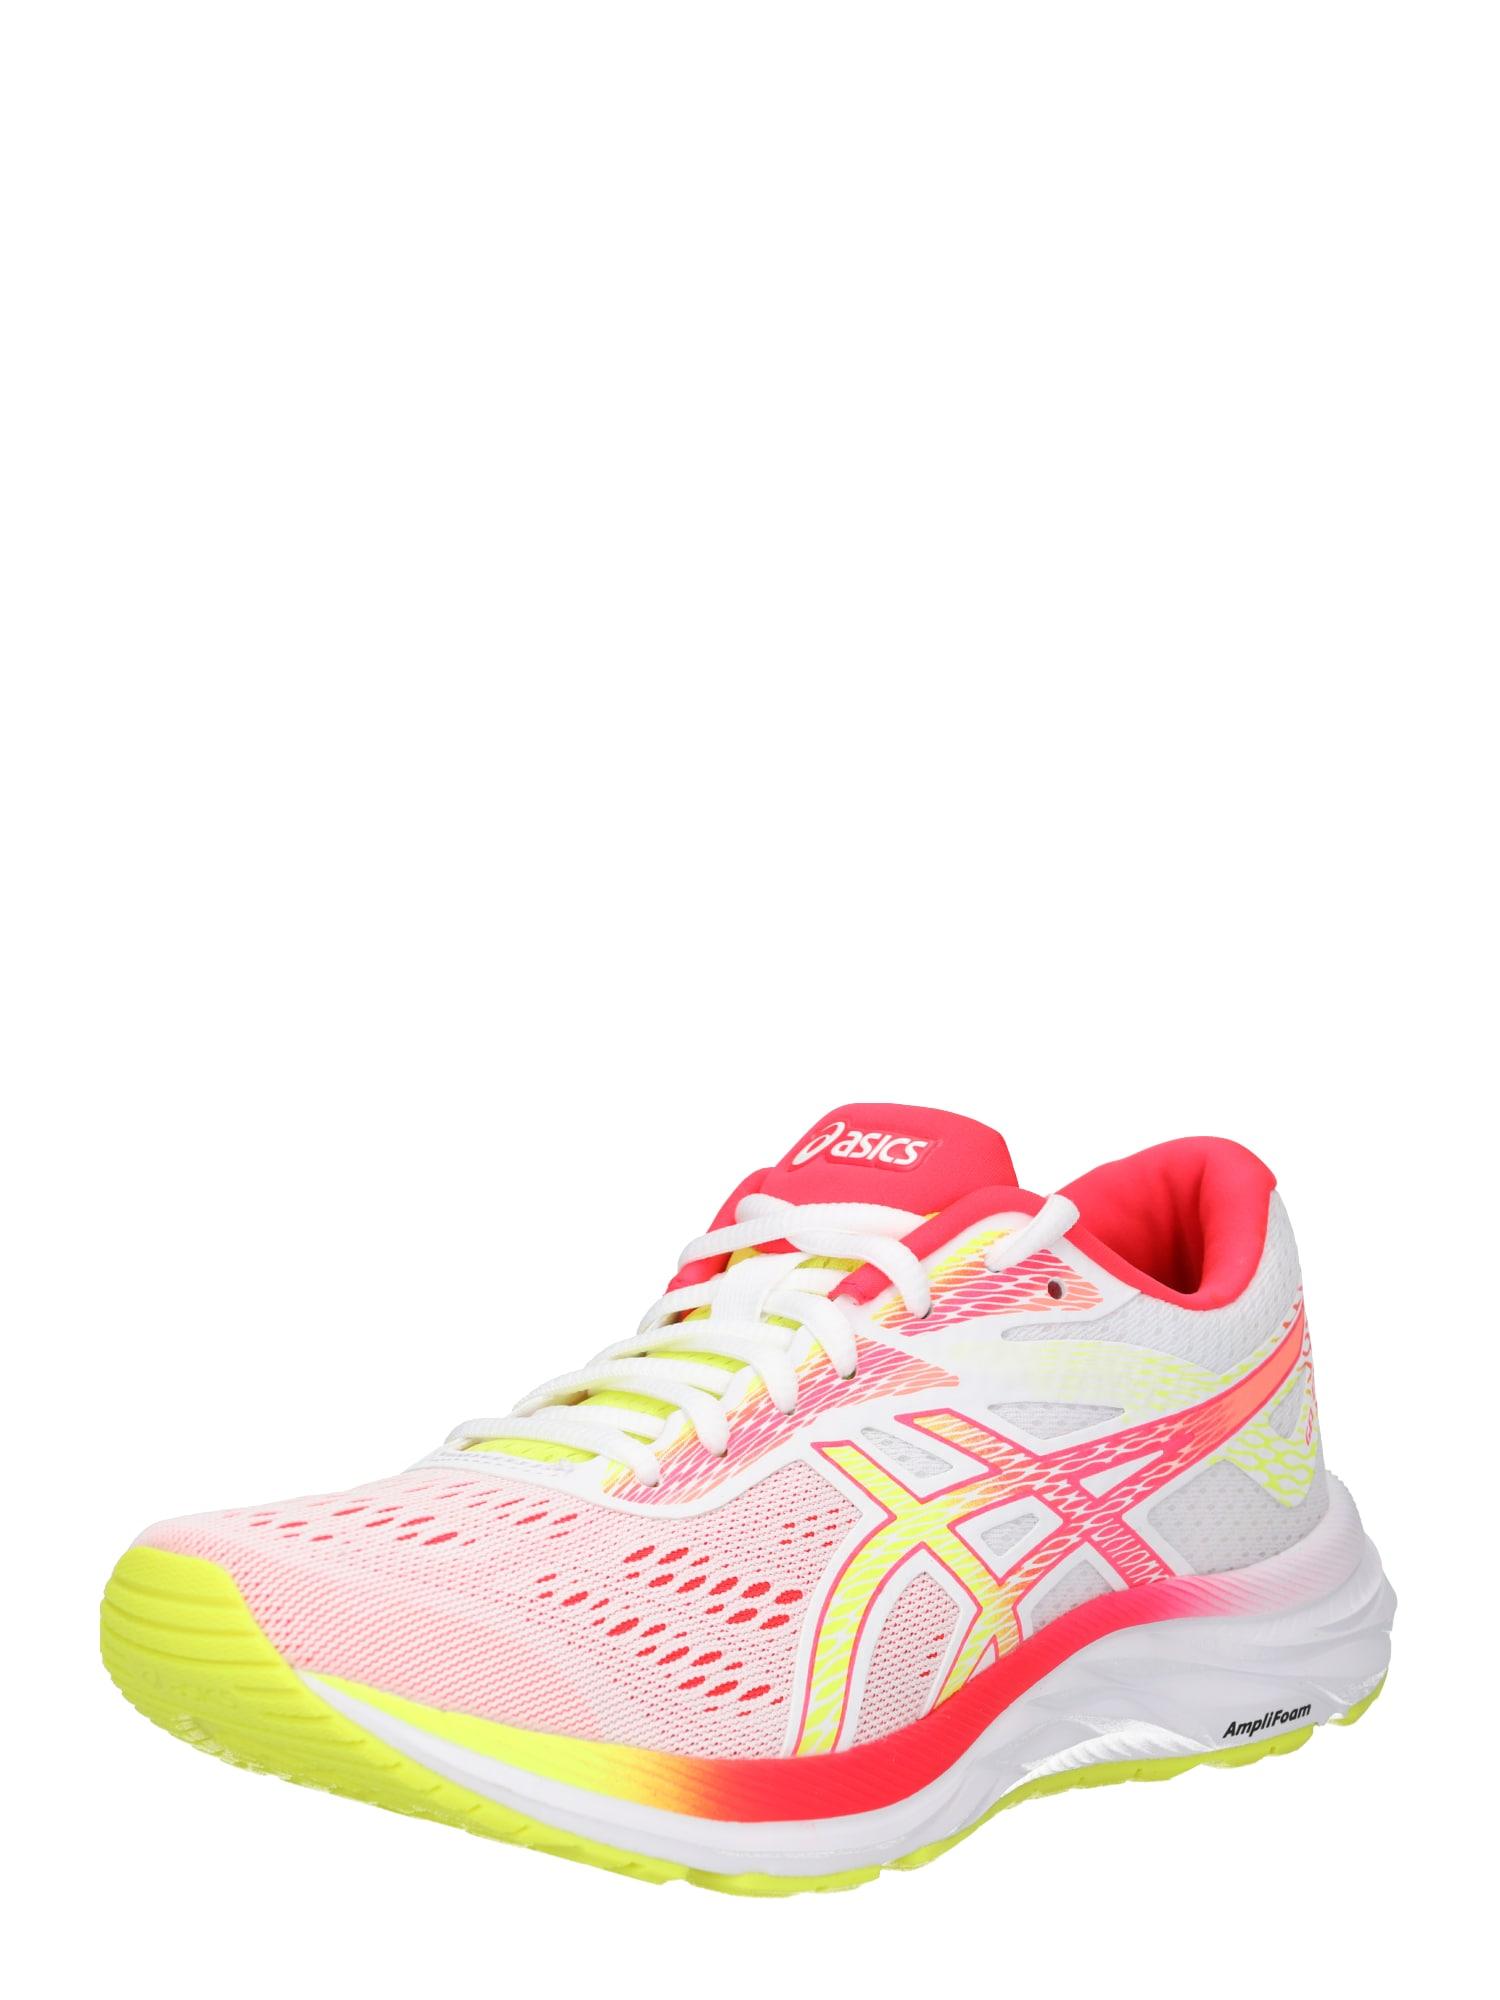 Běžecká obuv Gel-Excite 6 gelb pink weiß ASICS